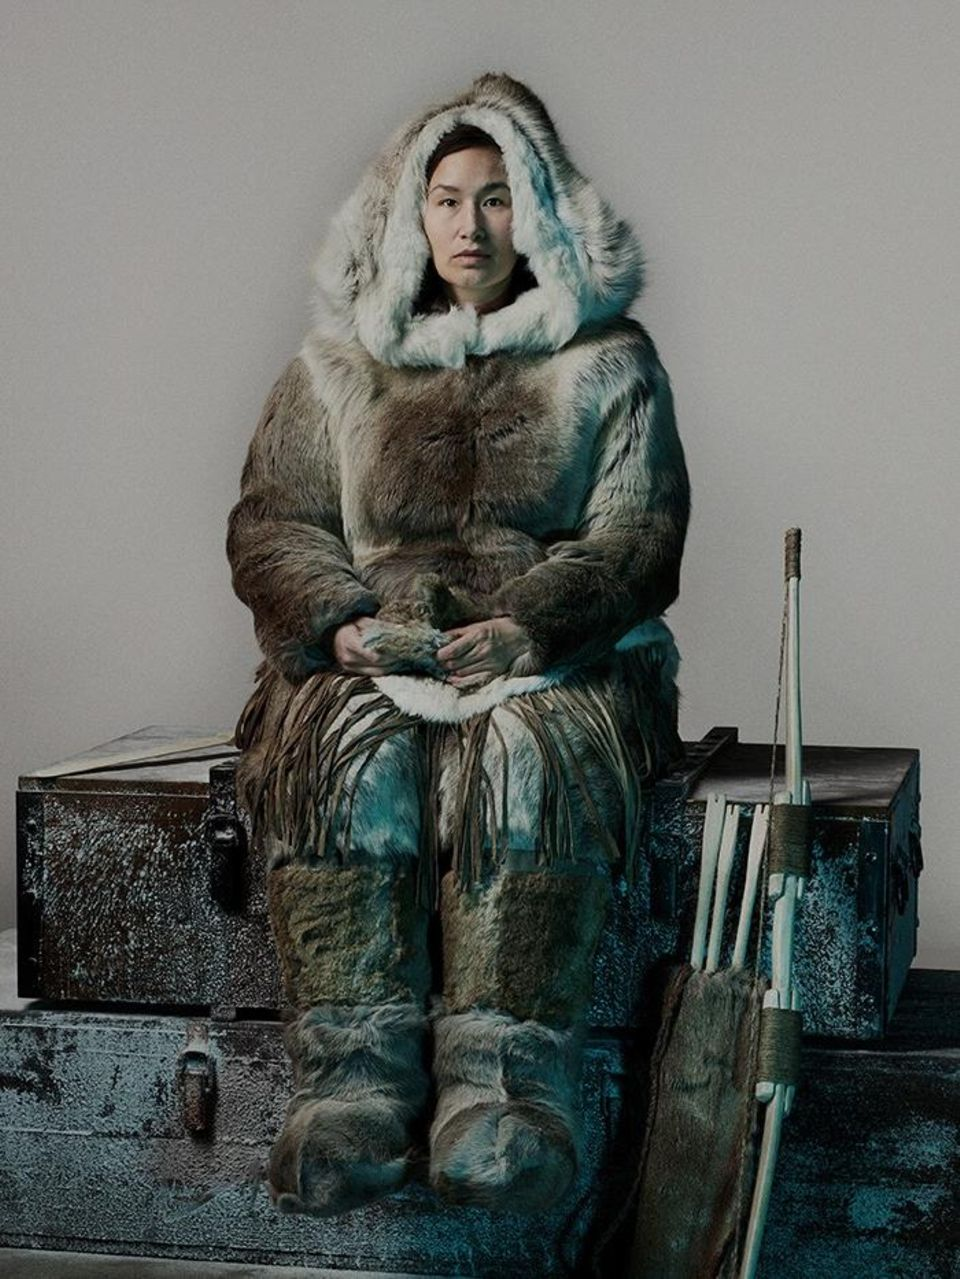 Lady Silence, die Inuit, kennt das Schicksal, das auf die Besatzung wartet.